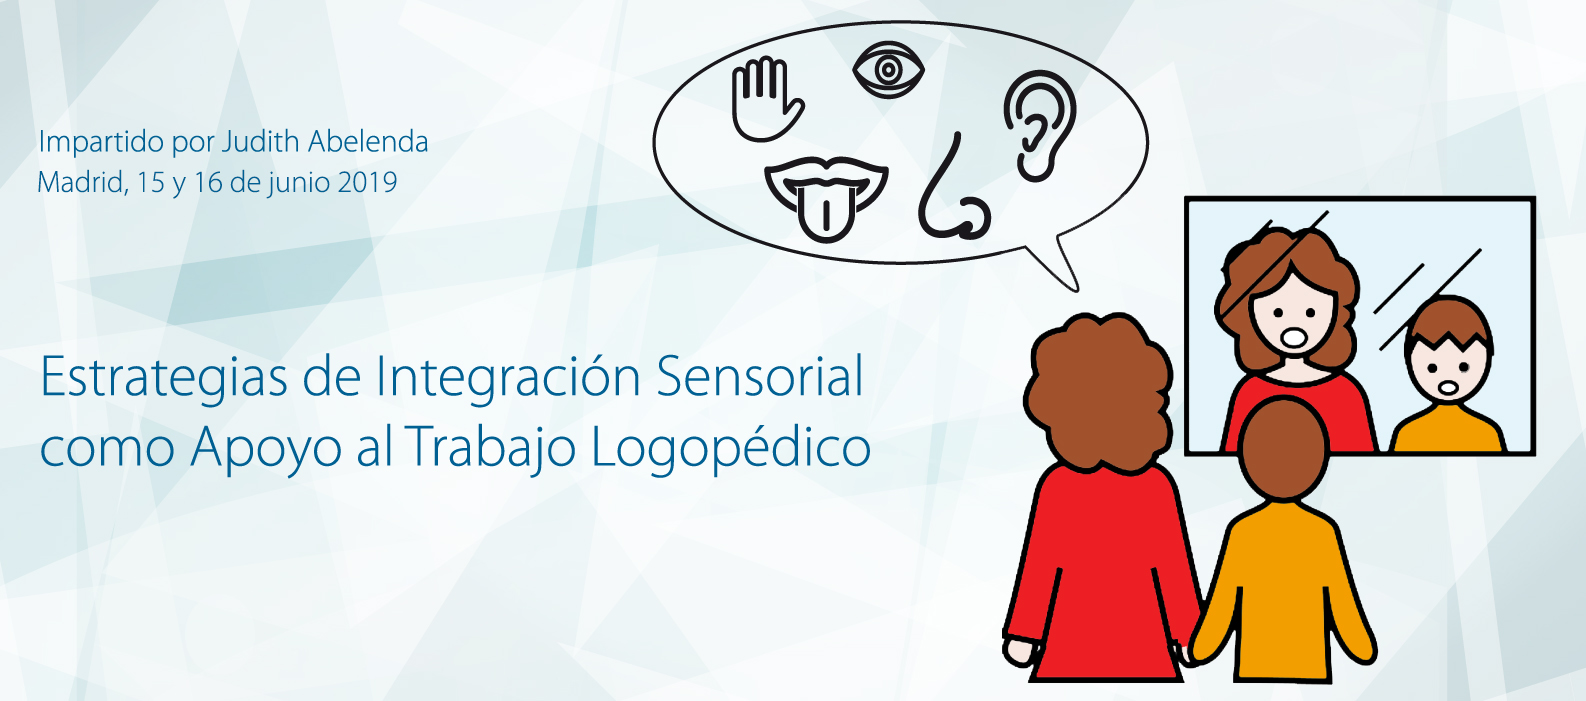 Estrategias de Integración Sensorial como Apoyo al Trabajo Logopédico